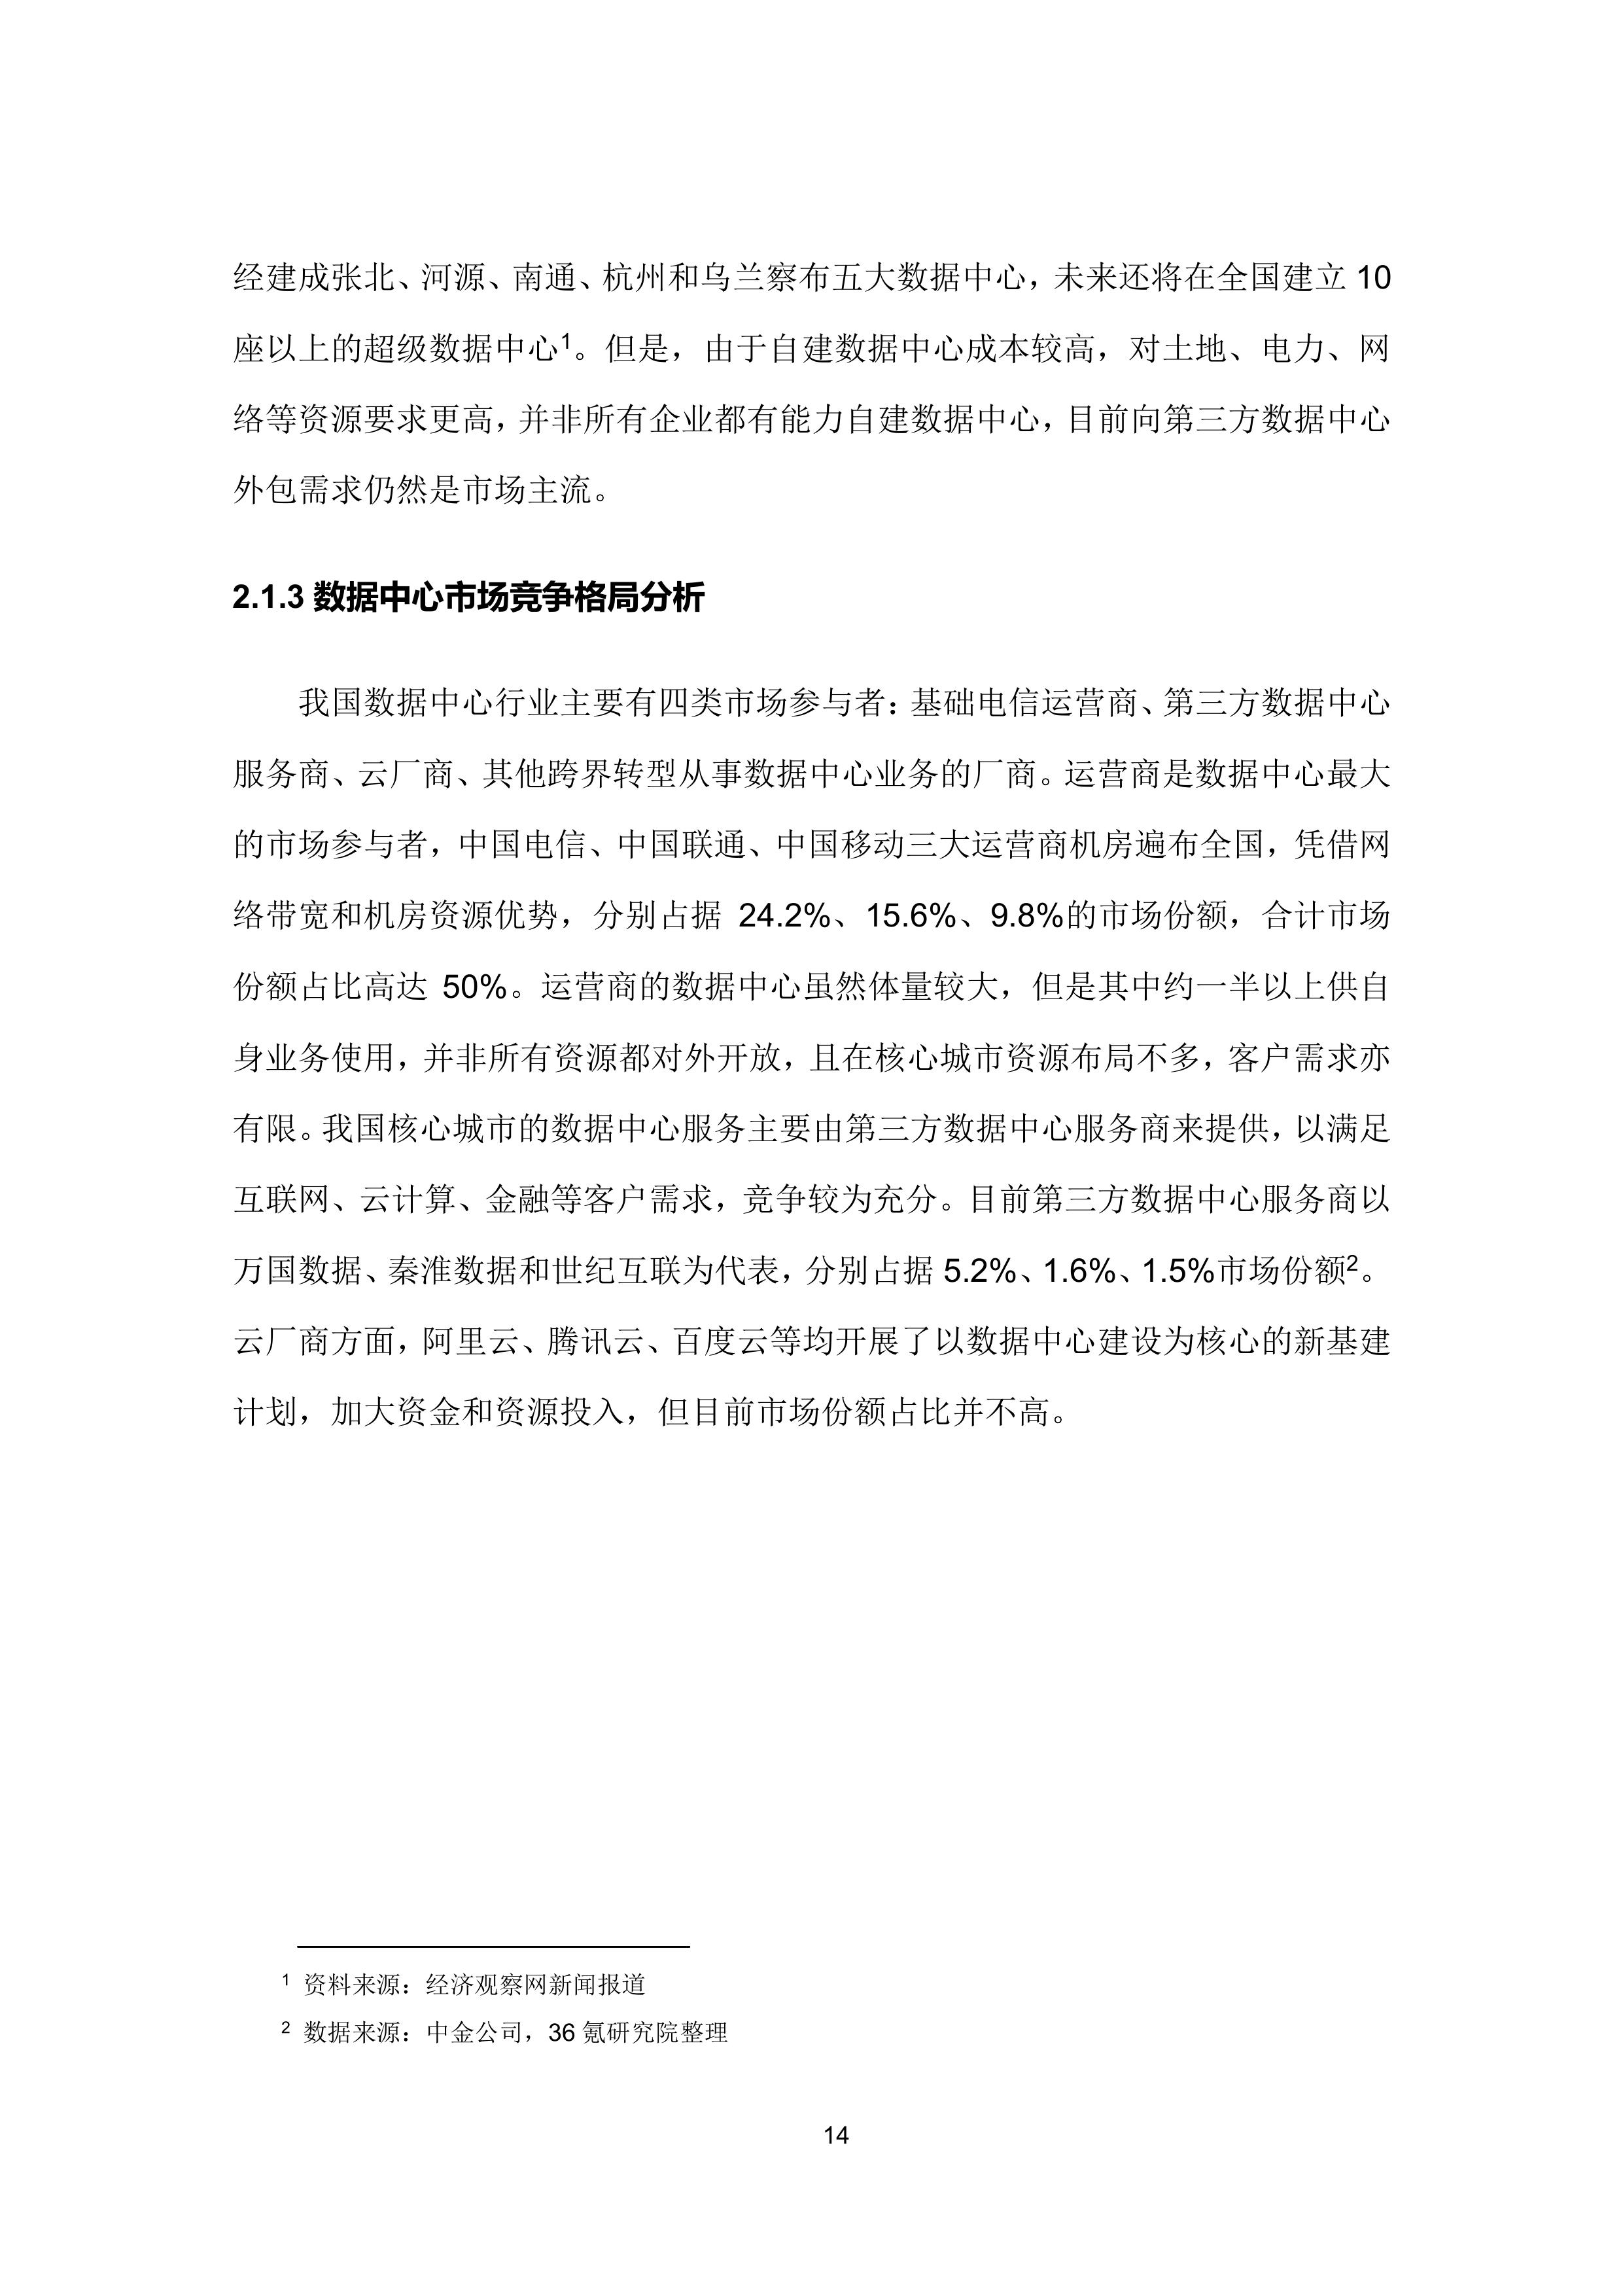 36氪研究院 - 新基建系列之:2020年中国城市数据中心发展指数报告-大菠萝官网(图25)